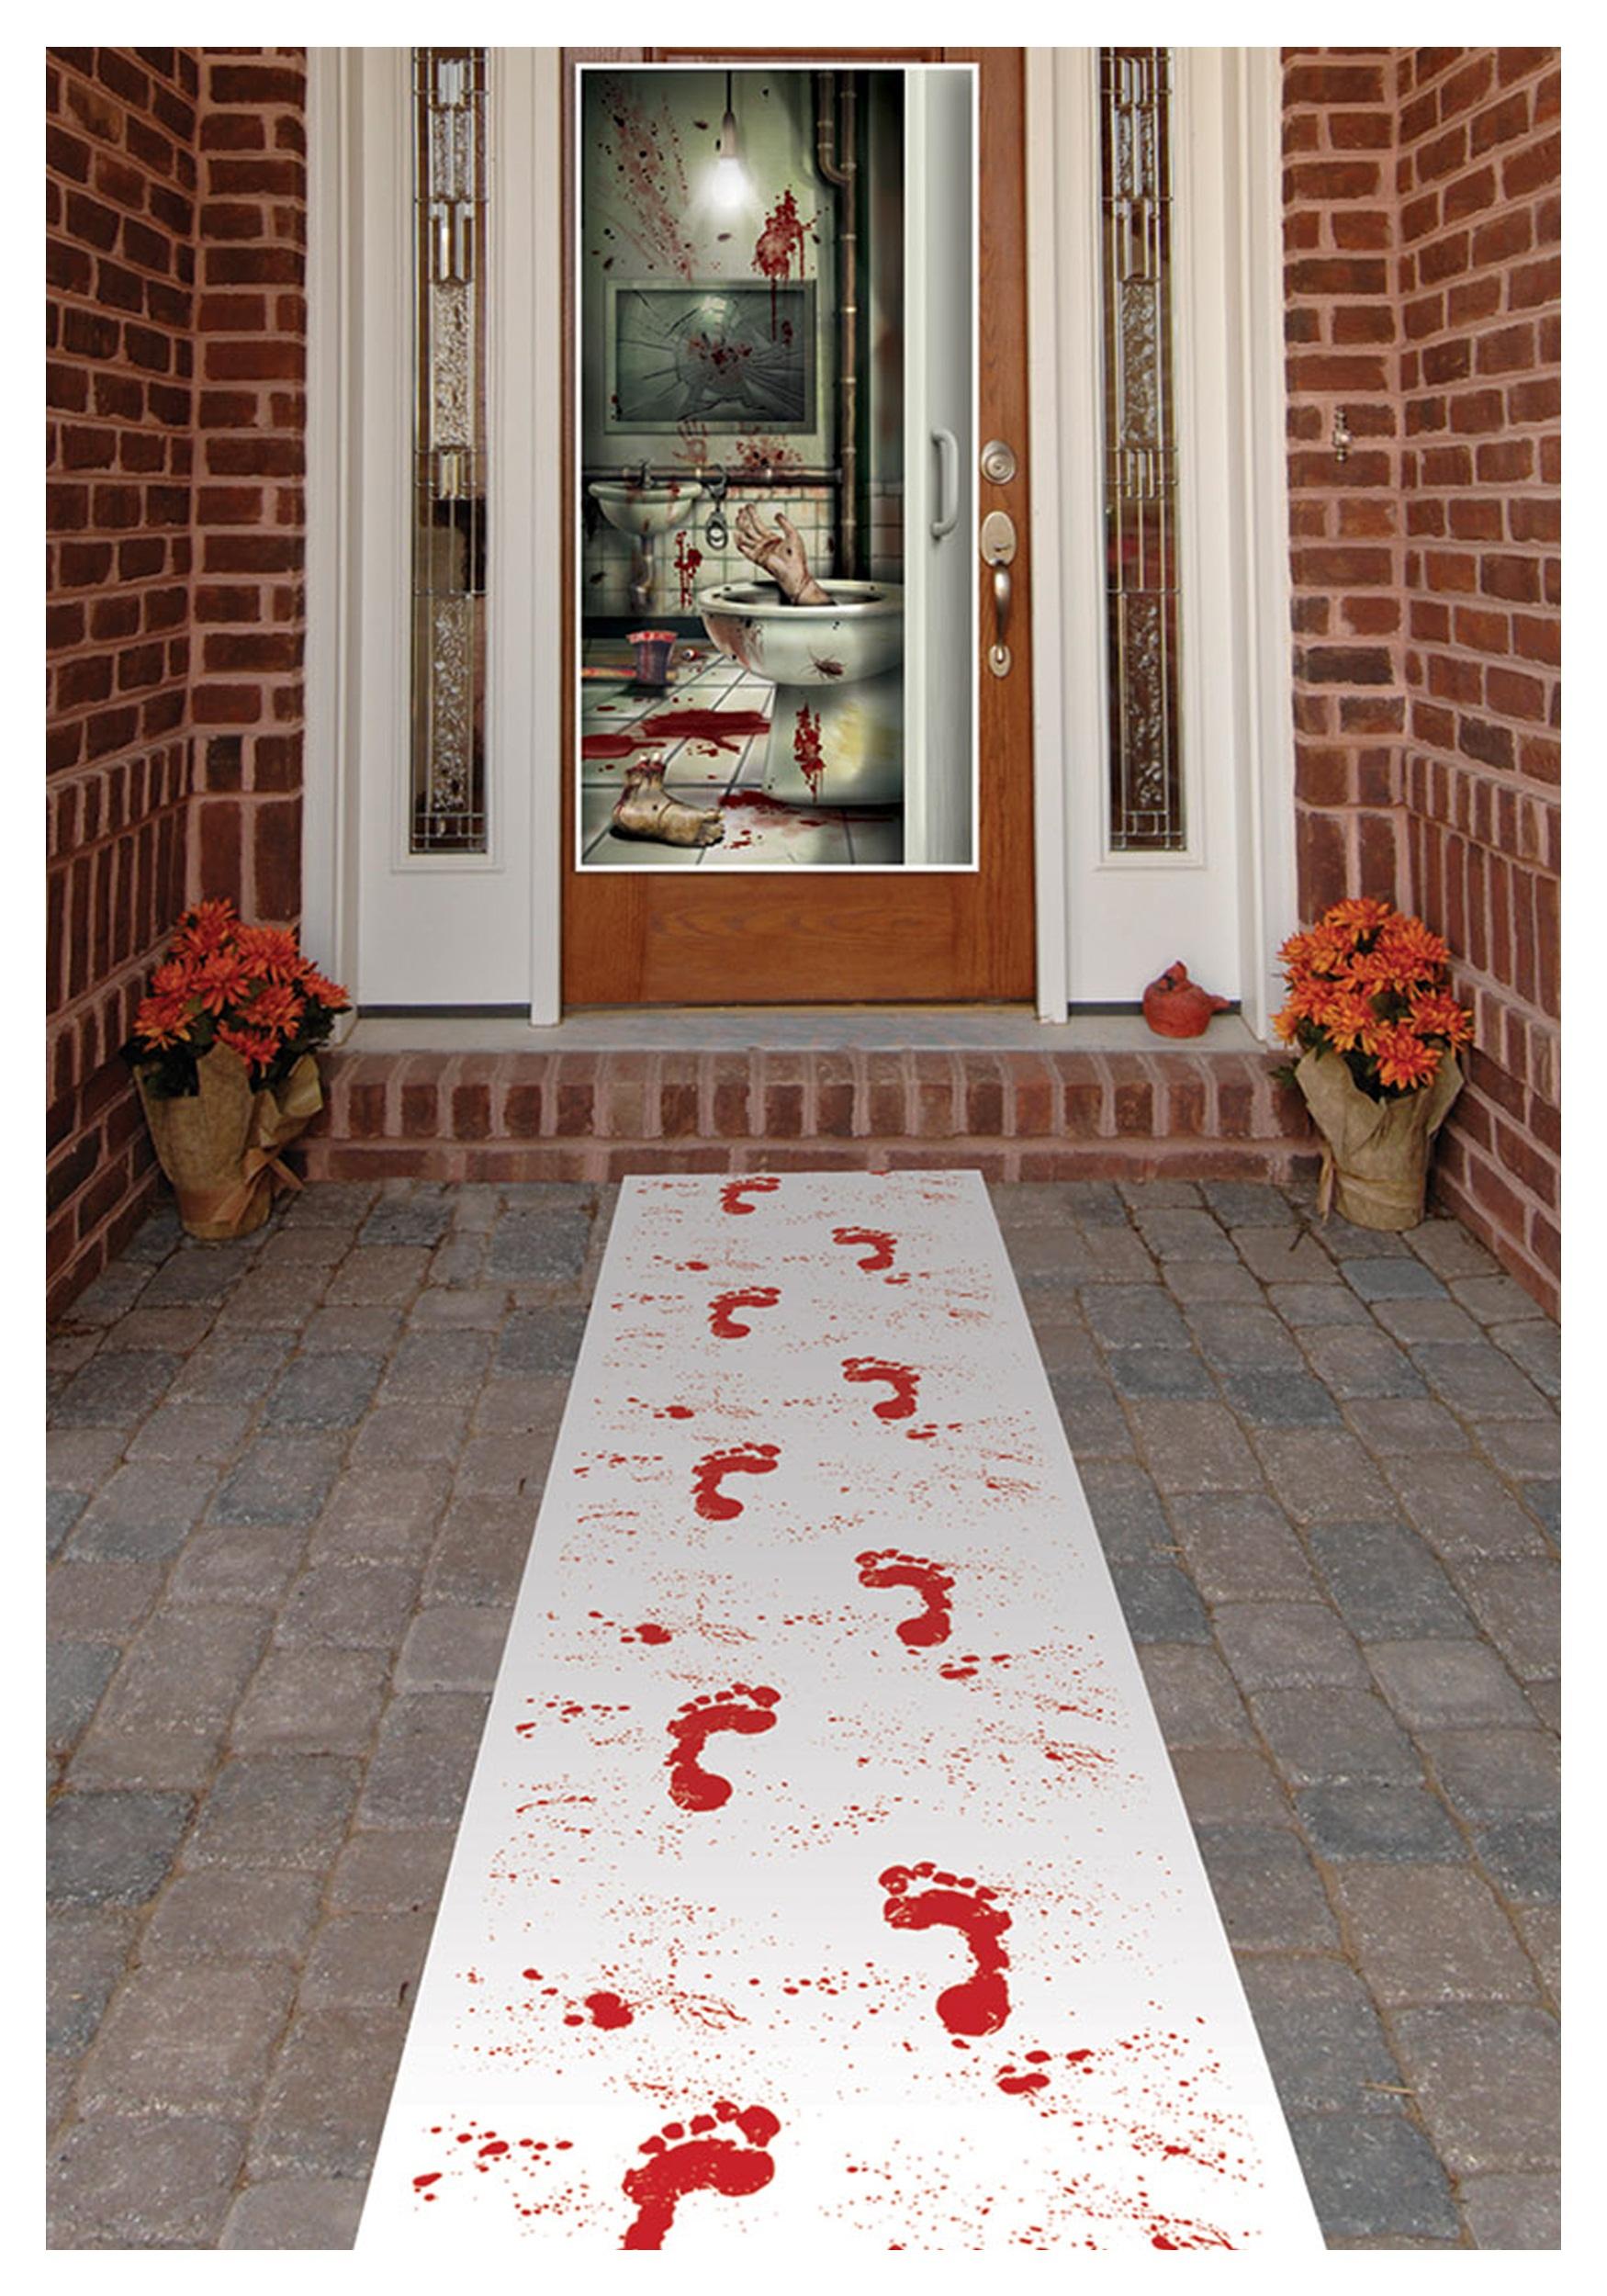 Bloody_Footprints_Runner